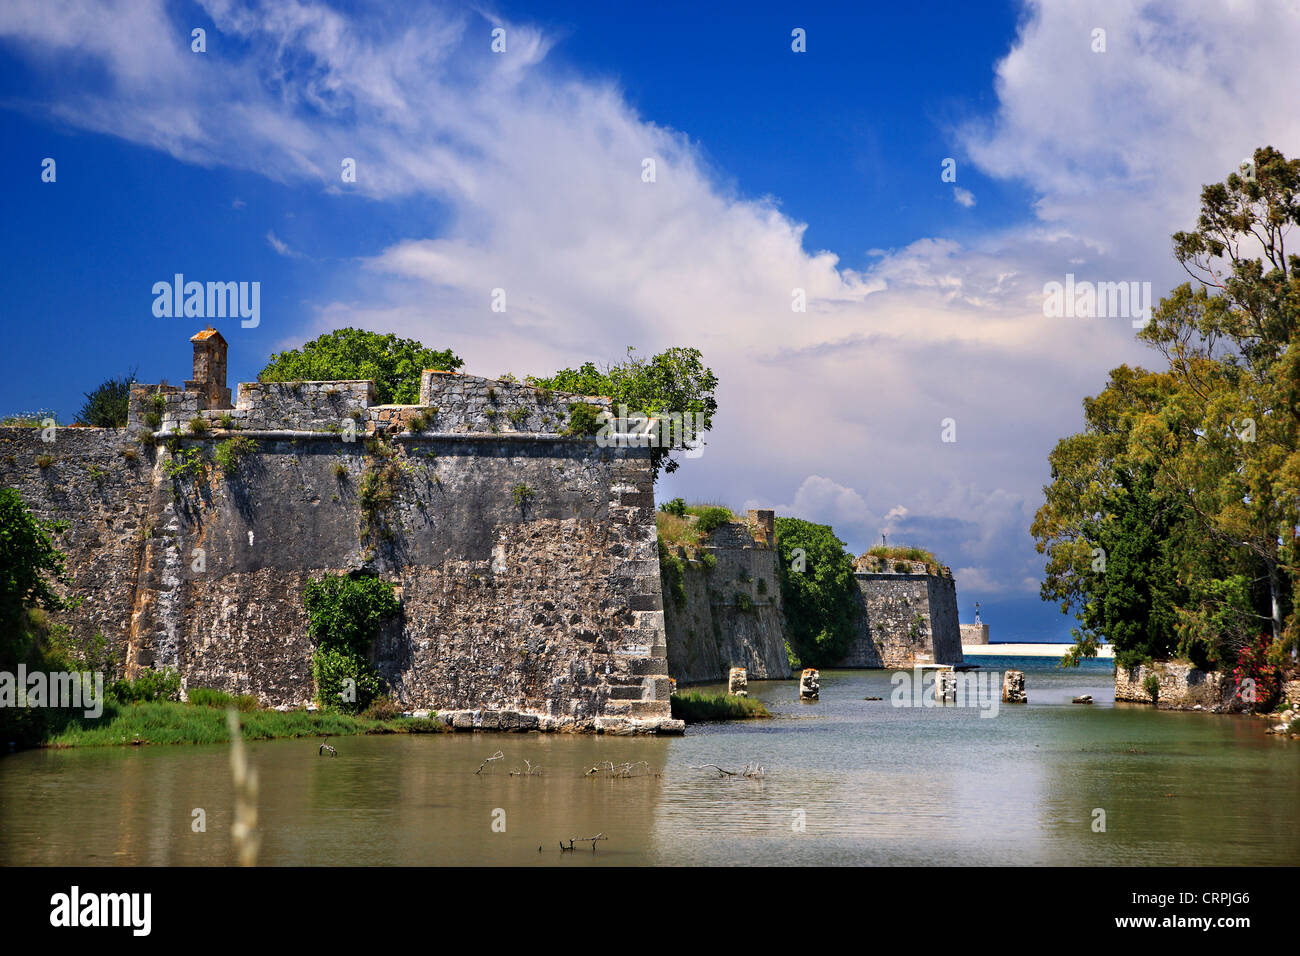 The castle of Agia Mavra, Lefkada (or 'Lefkas') island, Ionian Sea, Eptanisa ('Seven islands'), - Stock Image